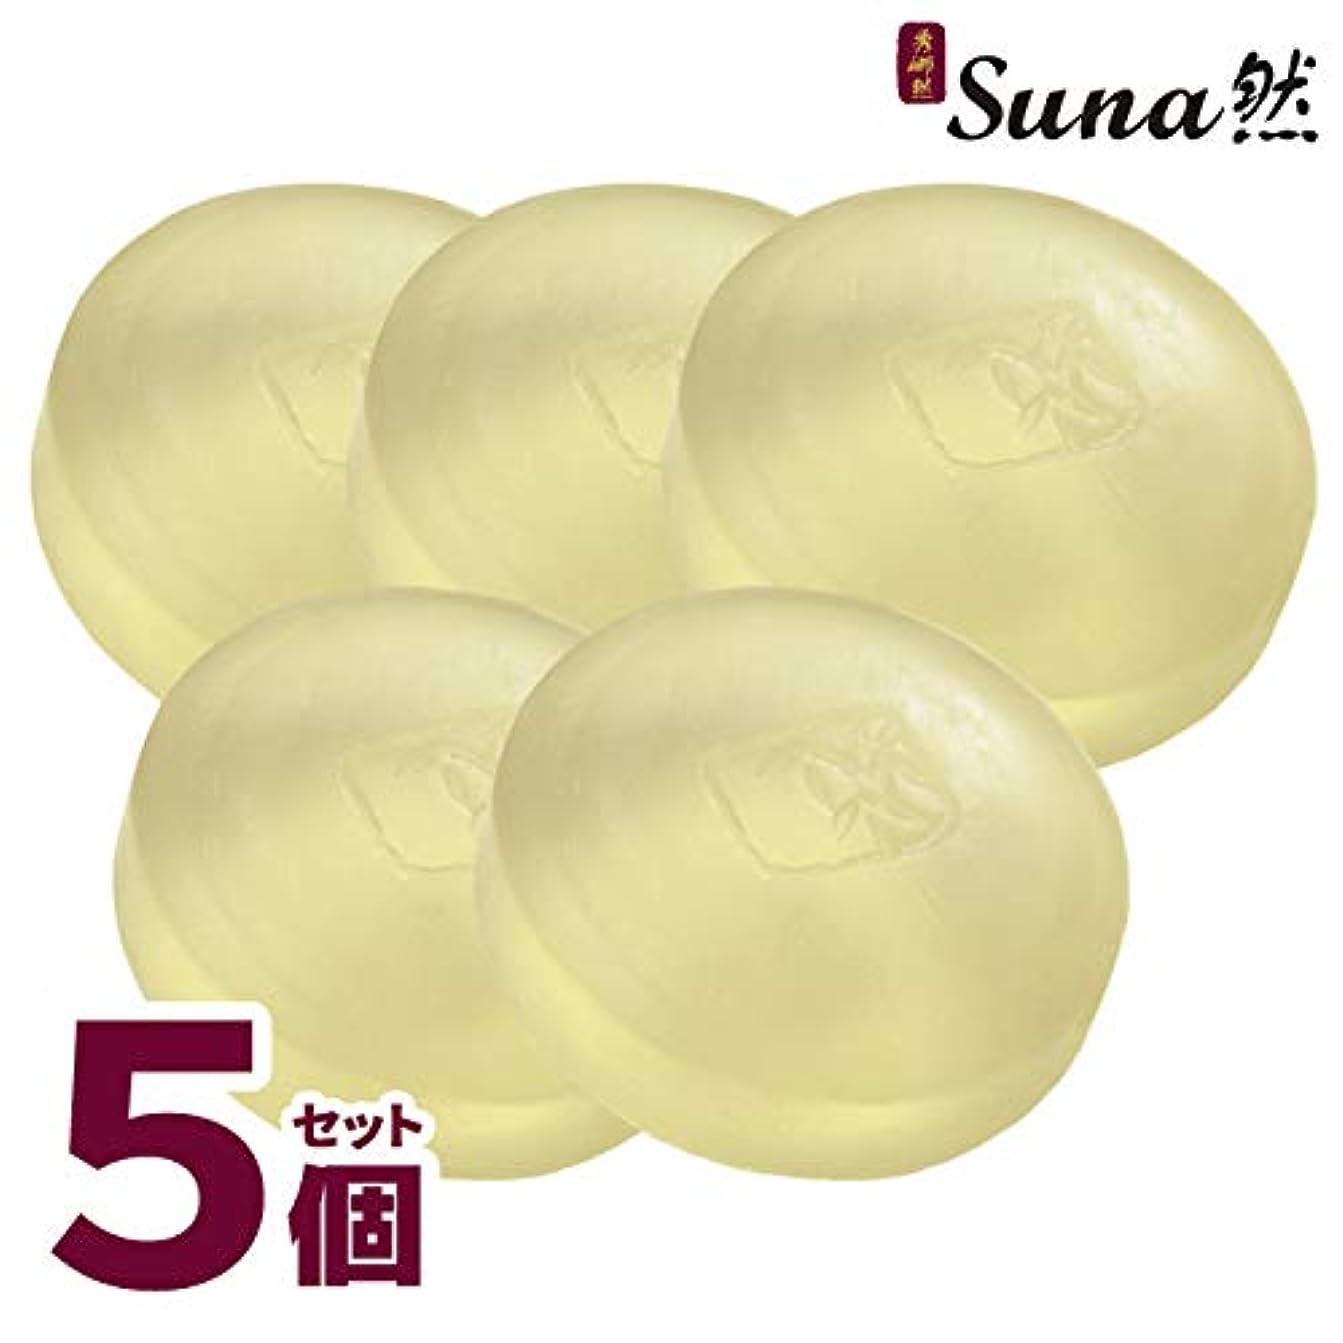 堂々たる不完全な採用するスナヨン石鹸 Iモイスチャー5個セット